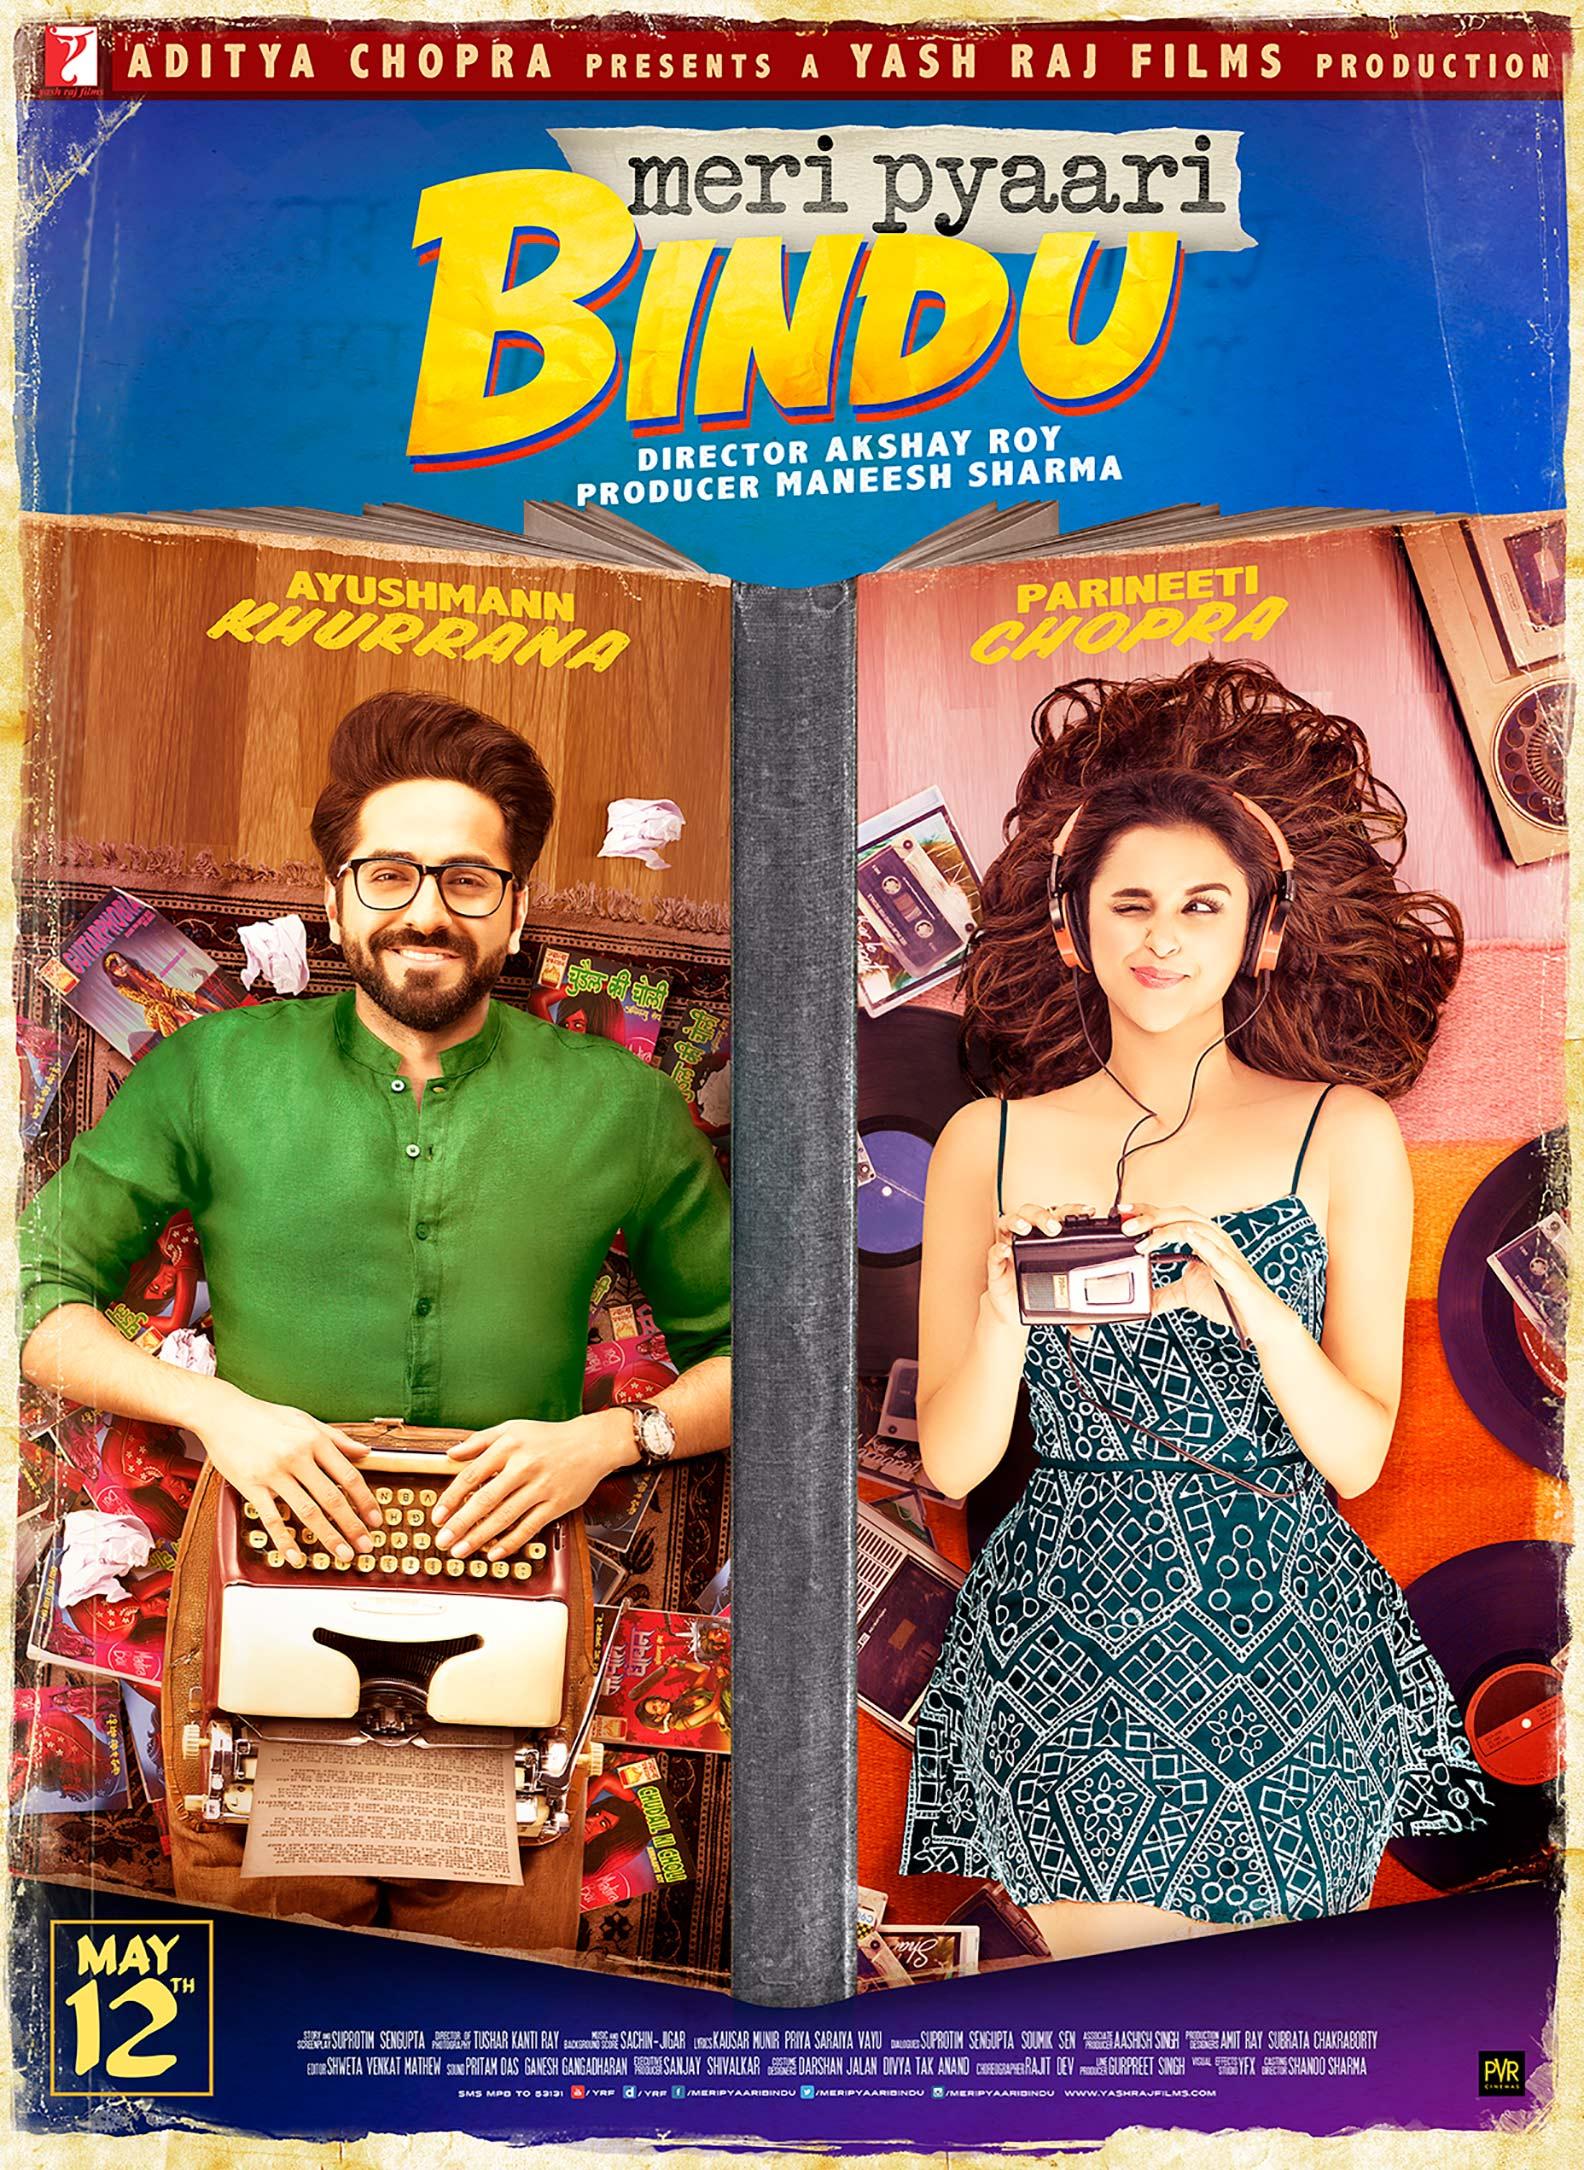 Meri Pyaari Bindu Poster #1